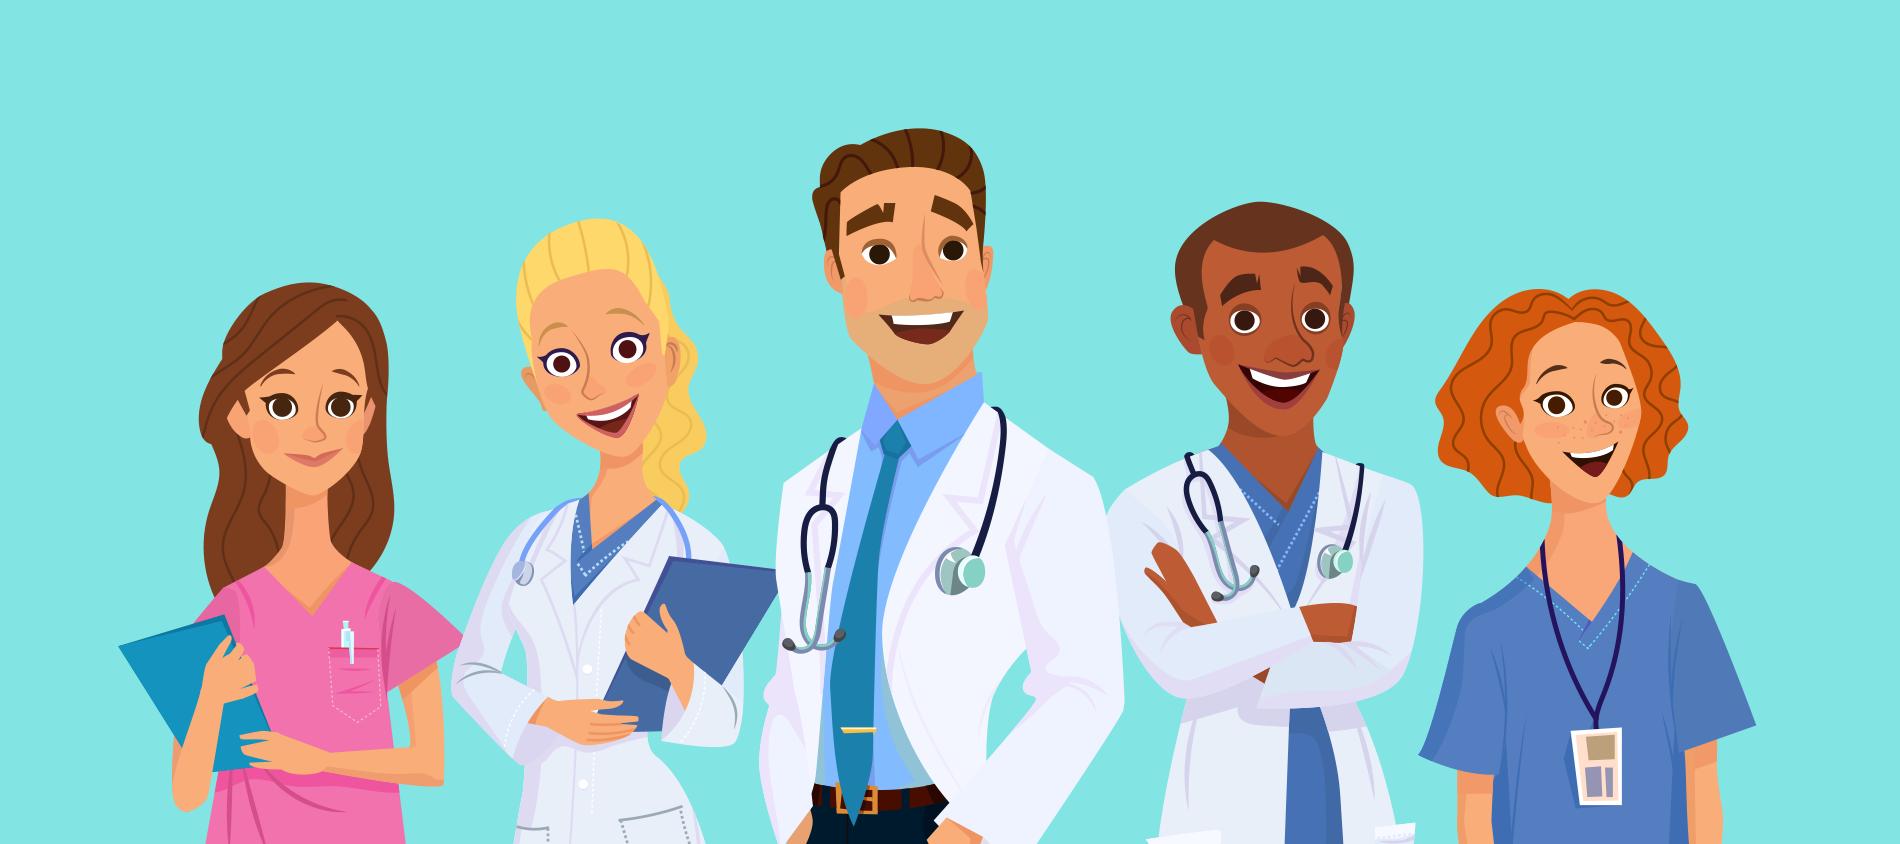 La salud genera seguidores